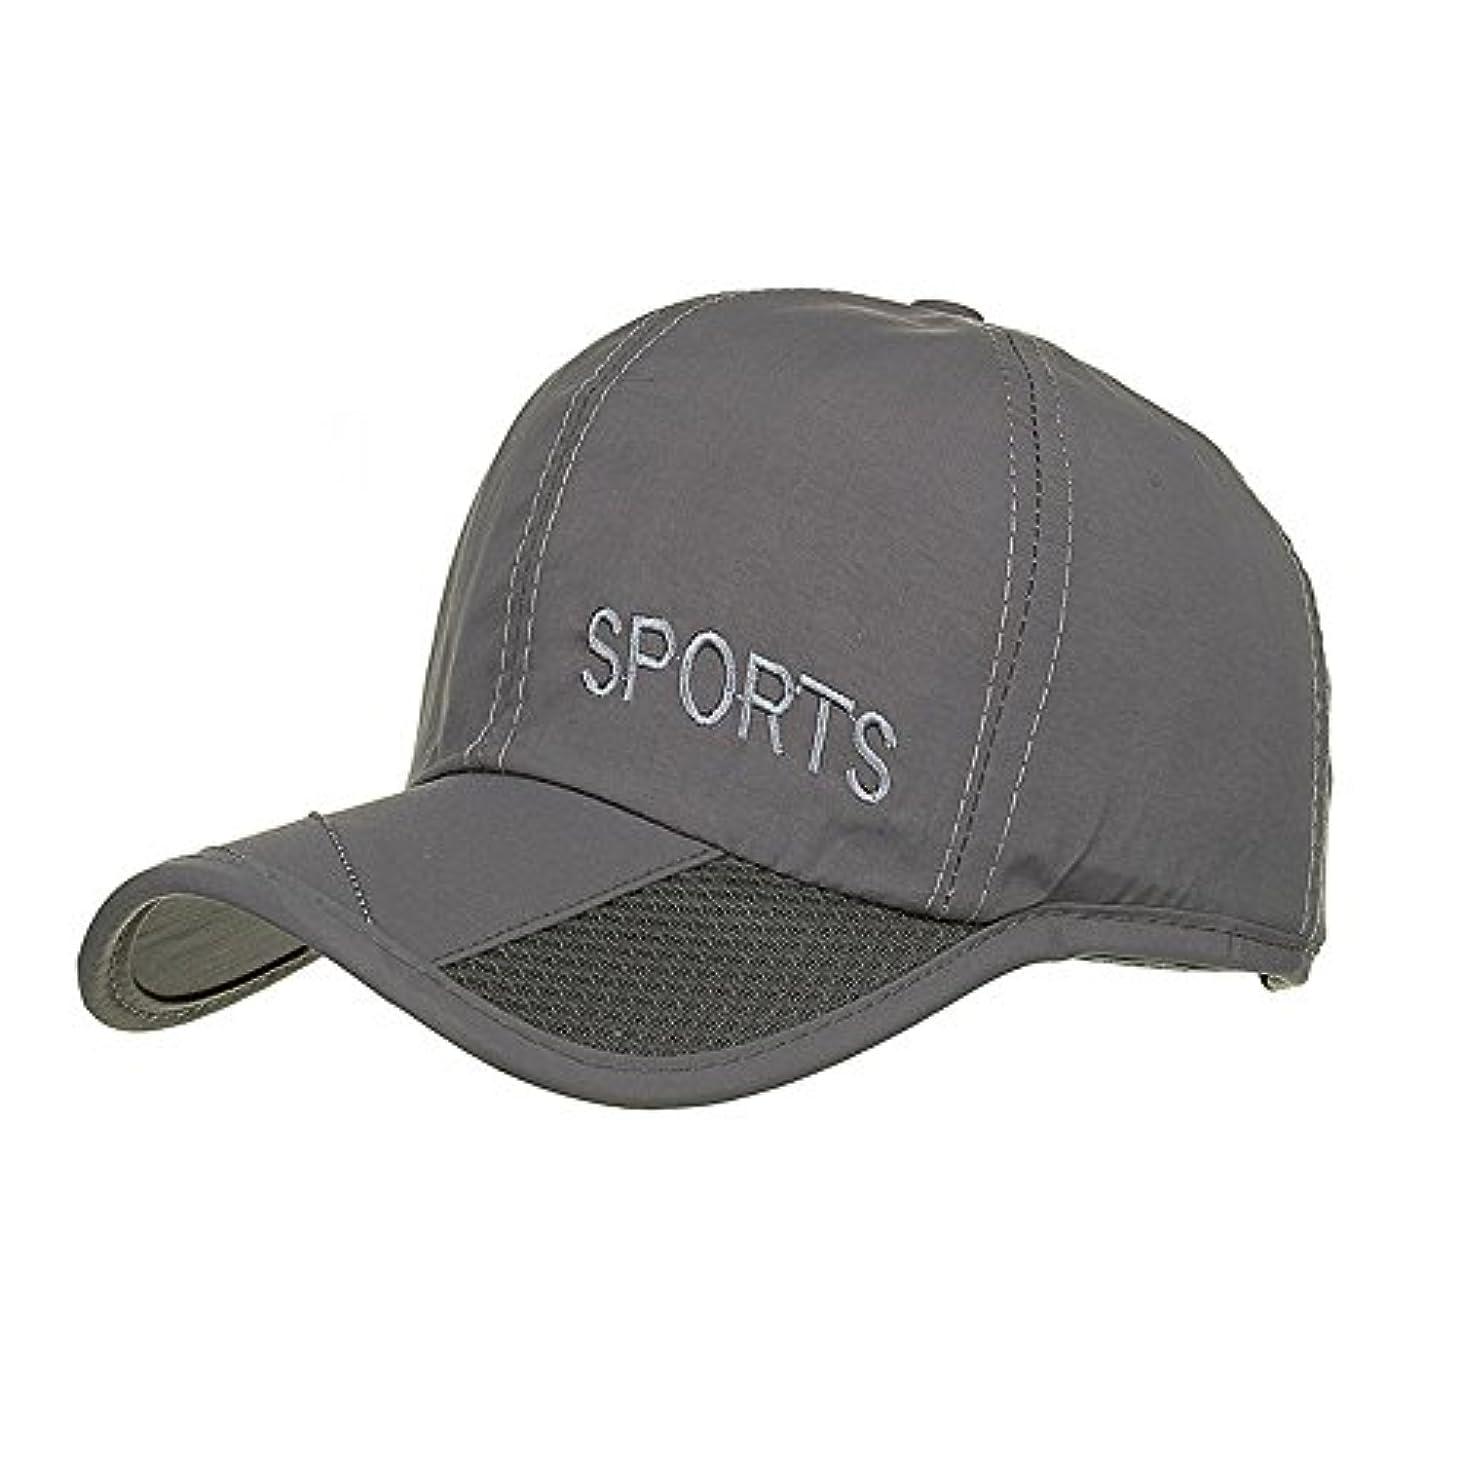 ウナギ結核やさしくRacazing Cap 男女兼用 野球帽 夏 登山 通気性のある メッシュ 帽子 ベルクロ 可調整可能 刺繍 棒球帽 UV 帽子 軽量 屋外 Unisex Hat (グレー)